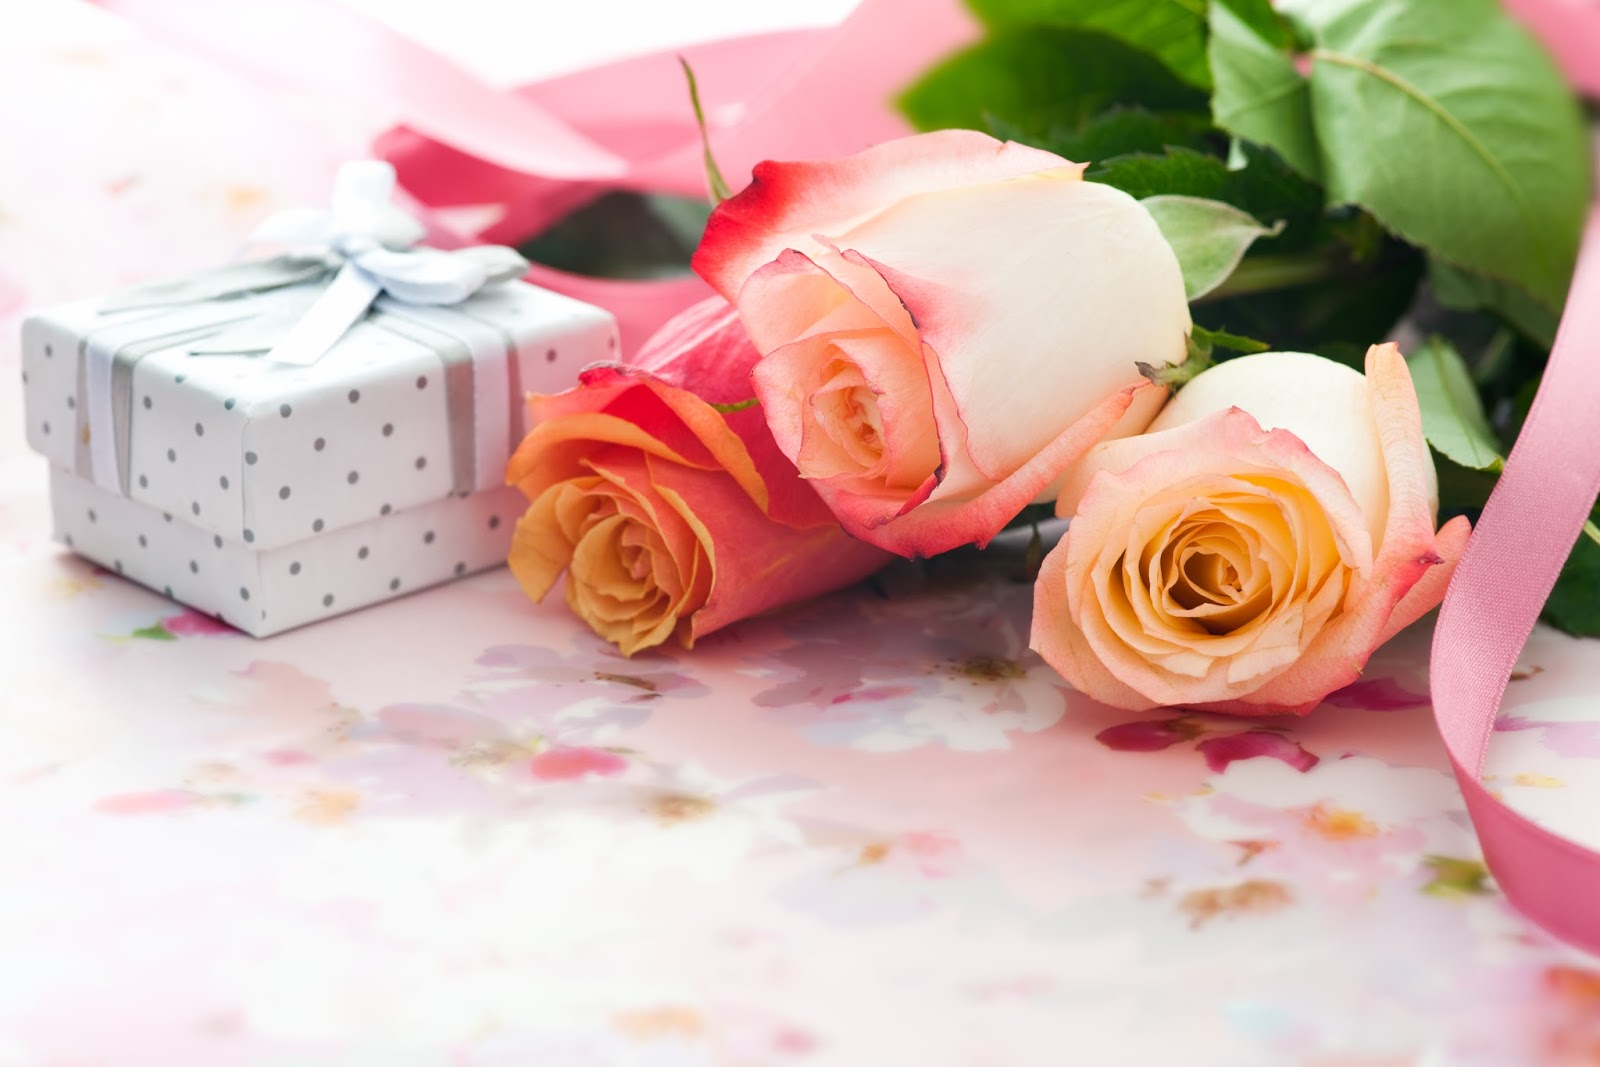 Fondo De Pantalla Dia De San Valentin Regalo Con Rosa: Los 6 Regalos Para San Valentín Perfectos